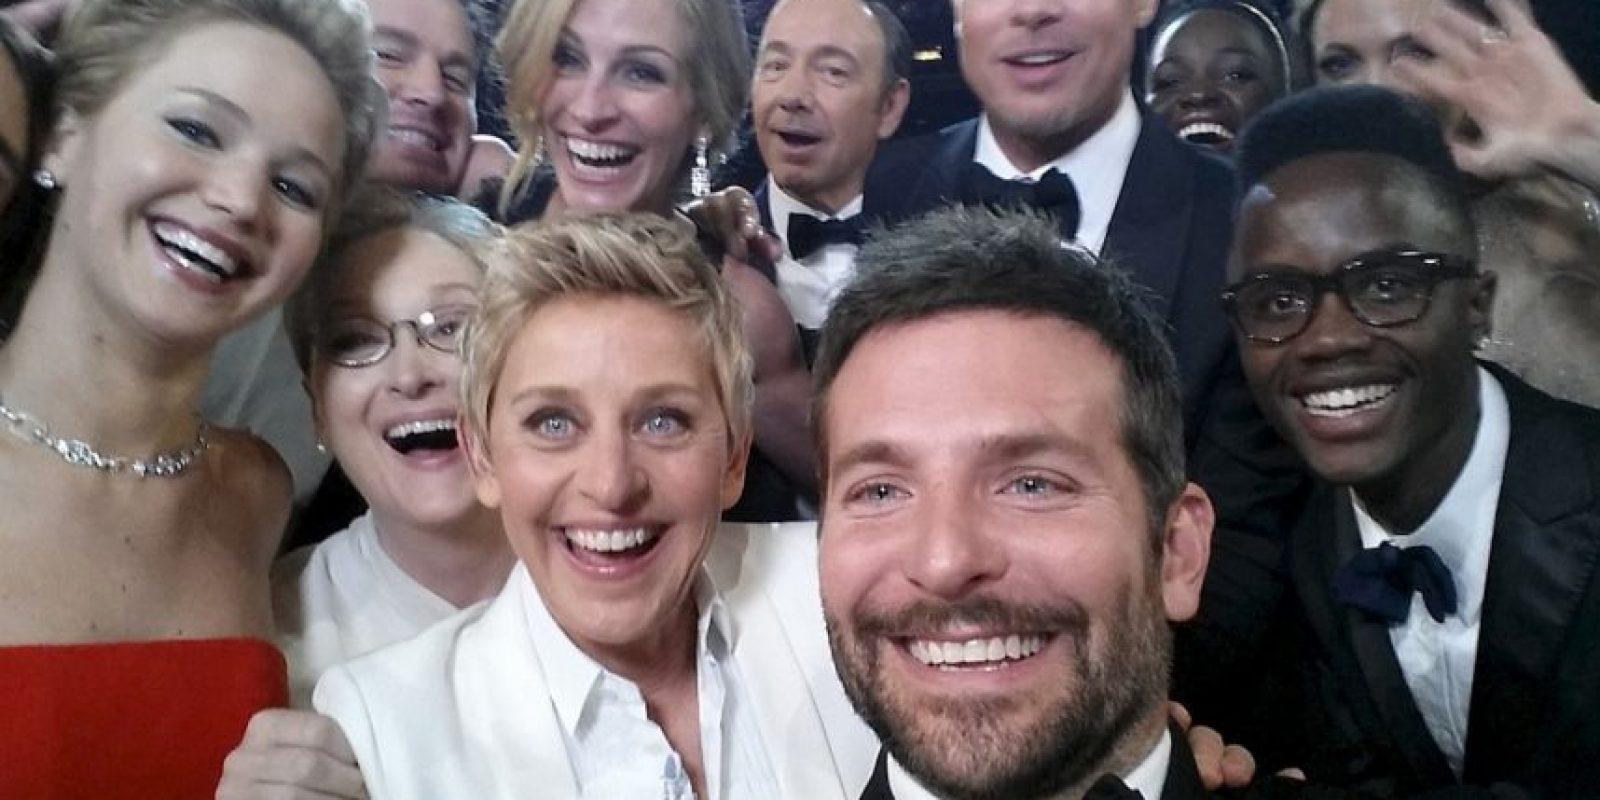 El selfie de la presentadora Ellen DeGeneres durante la ceremonia de los premios Óscar se volvió el más retuiteado de la historia. Foto:Vía Twitter @EllenDegeneres